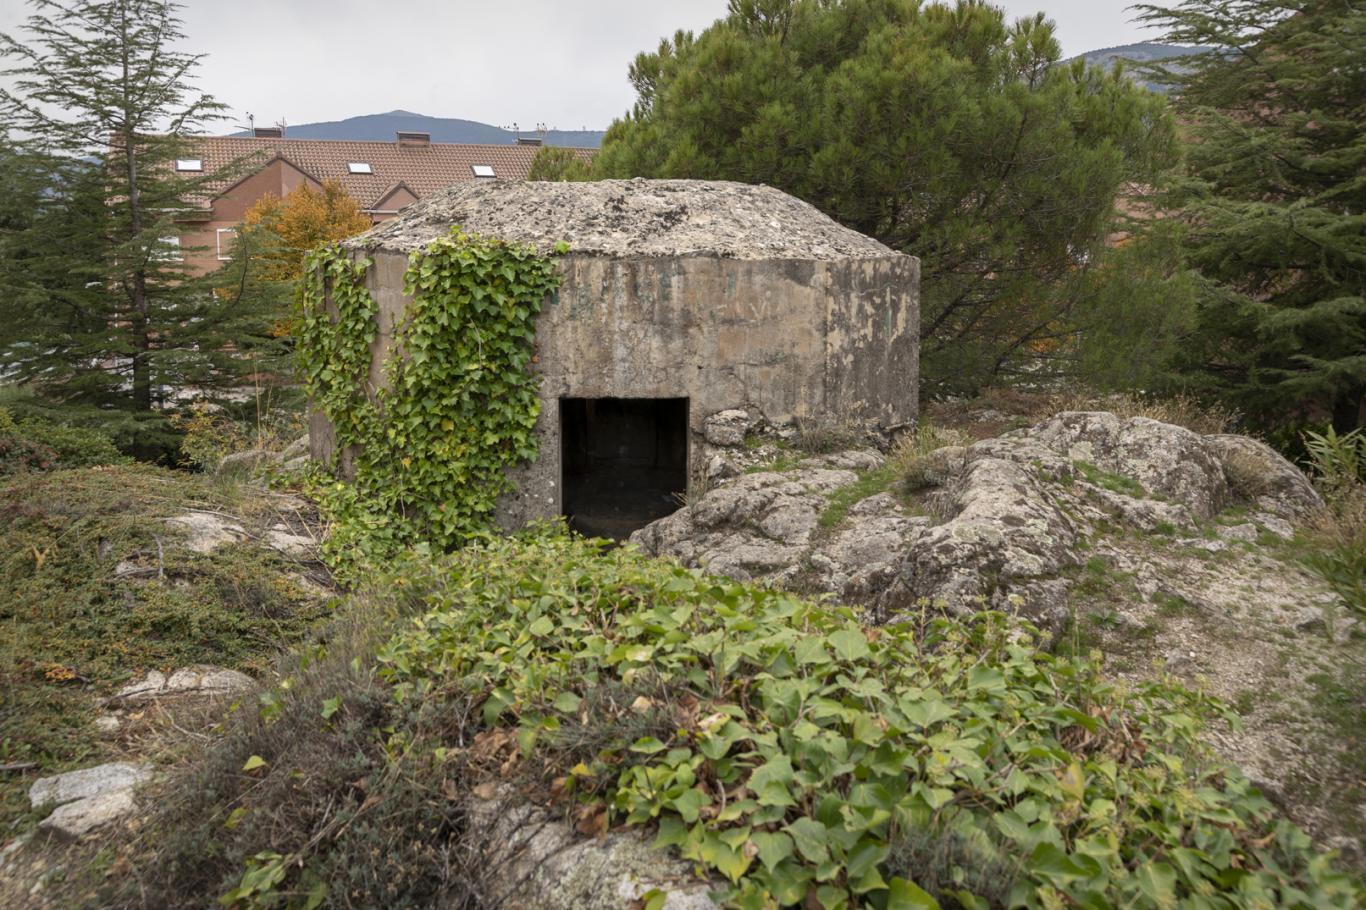 Imagen del fortín en Los Molinos